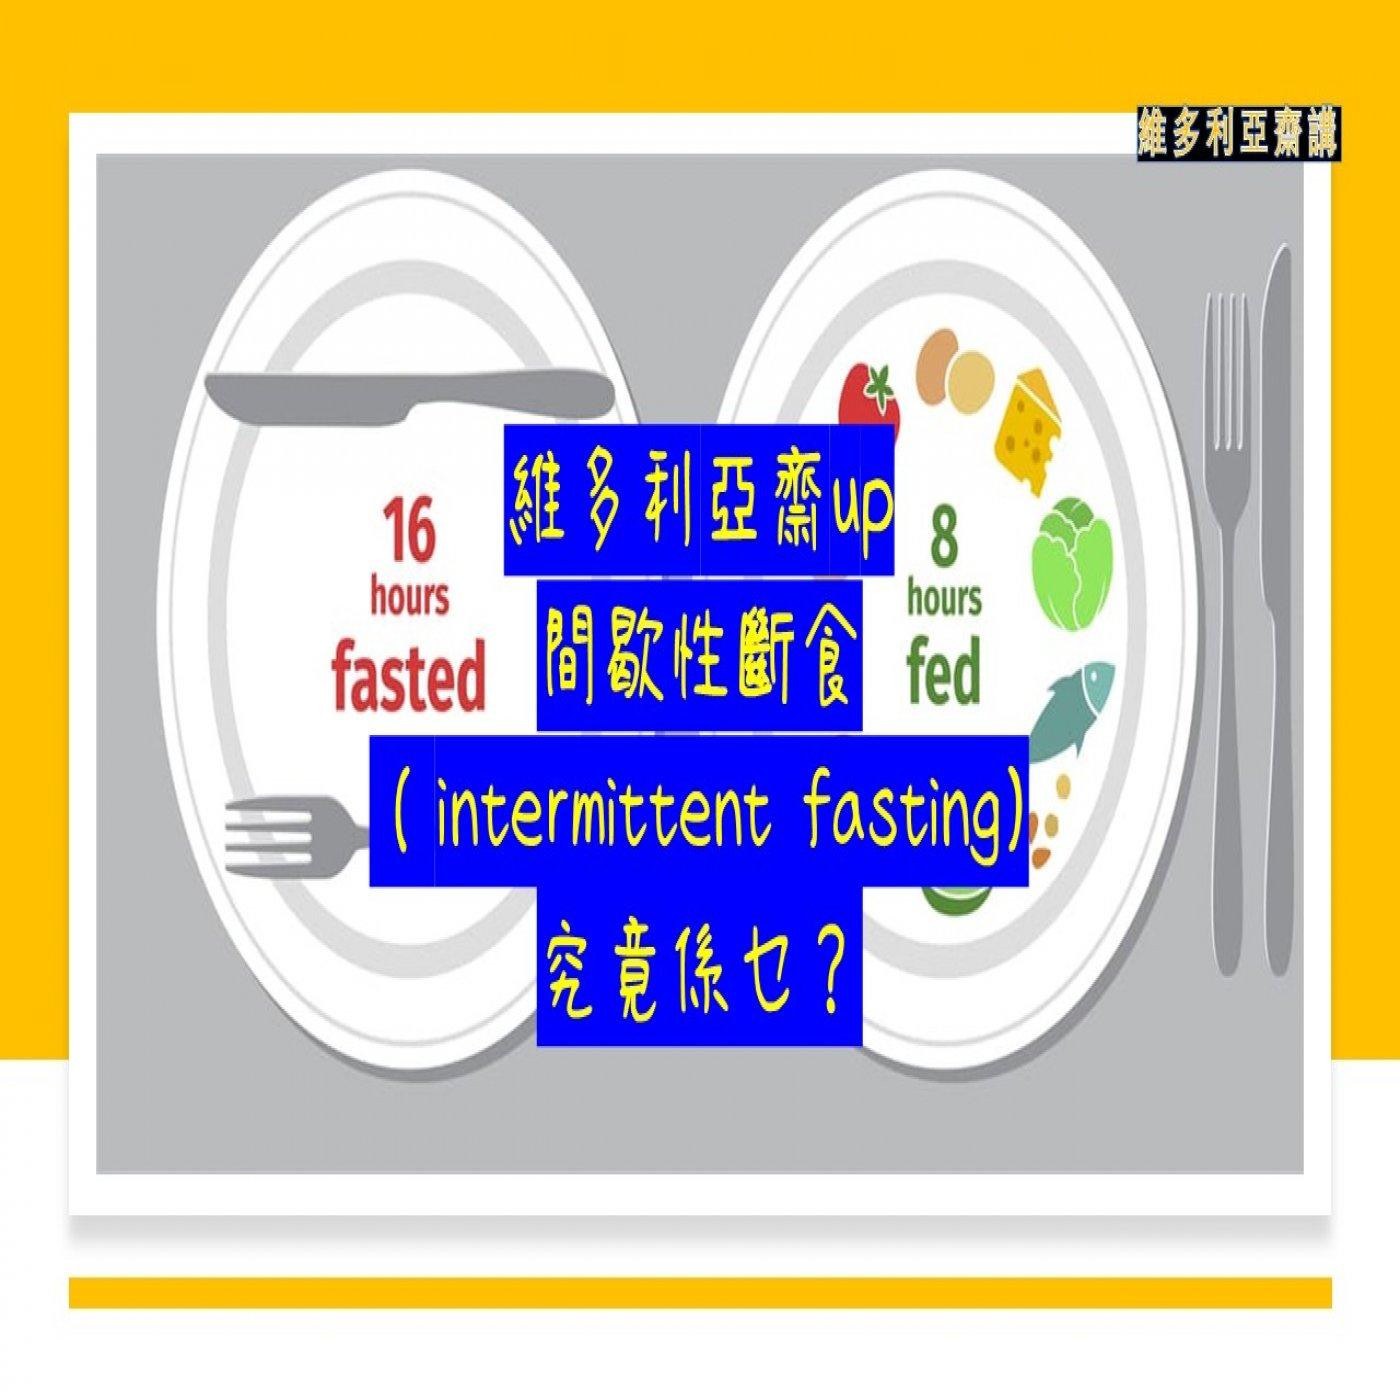 維多利亞:間歇性斷食(intermittent fasting) 究竟是什麼?【很容易為什麼不試試?】